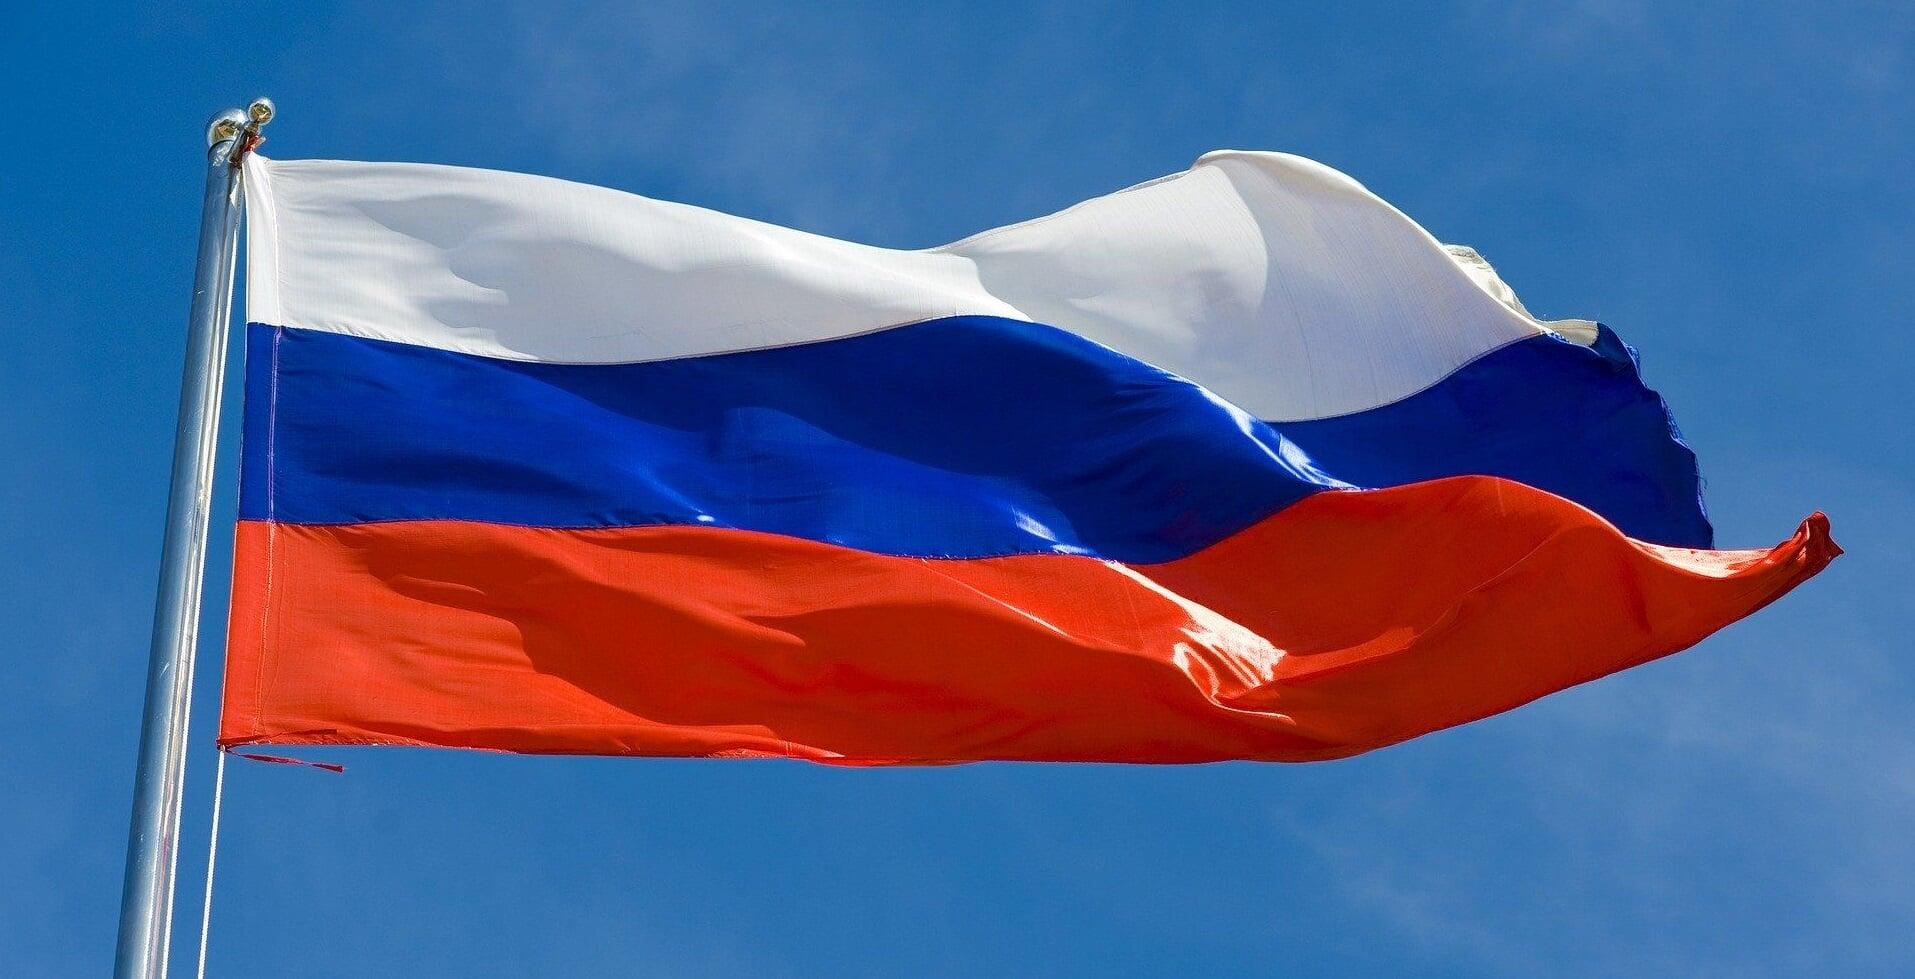 Валерий Газзаев: Сборную должен тренировать россиянин, патриот. Разве тренер-легионер станет патриотом России Нет, он приедет зарабатывать